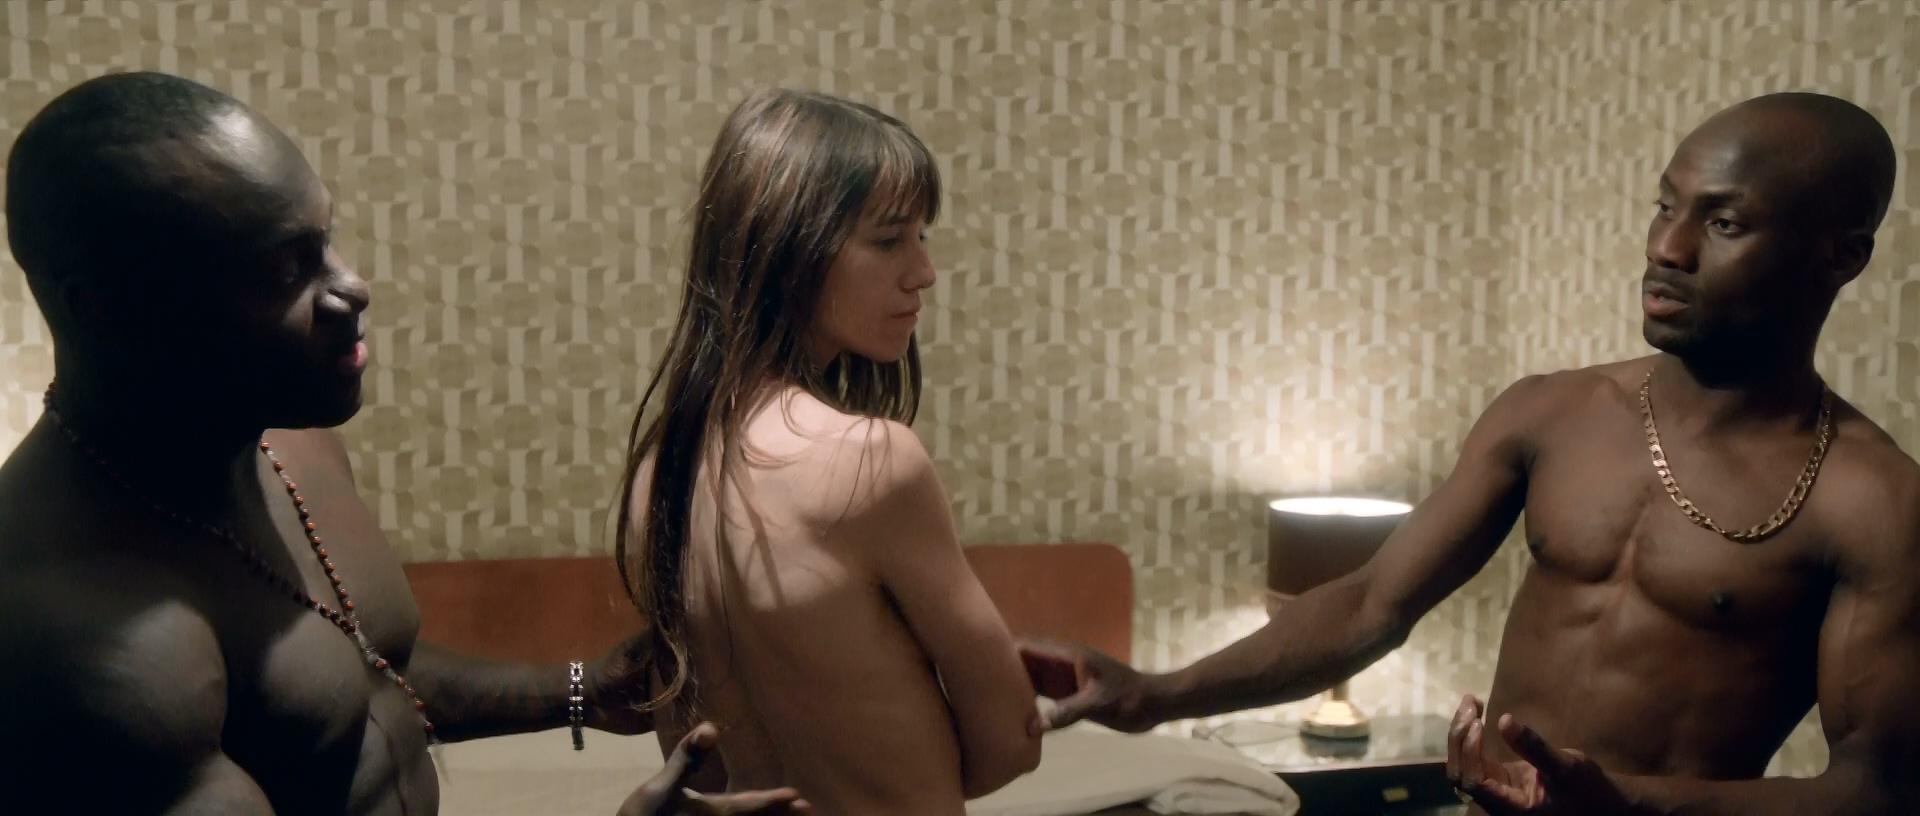 Фильм о порно сцены, подглядки за мамками